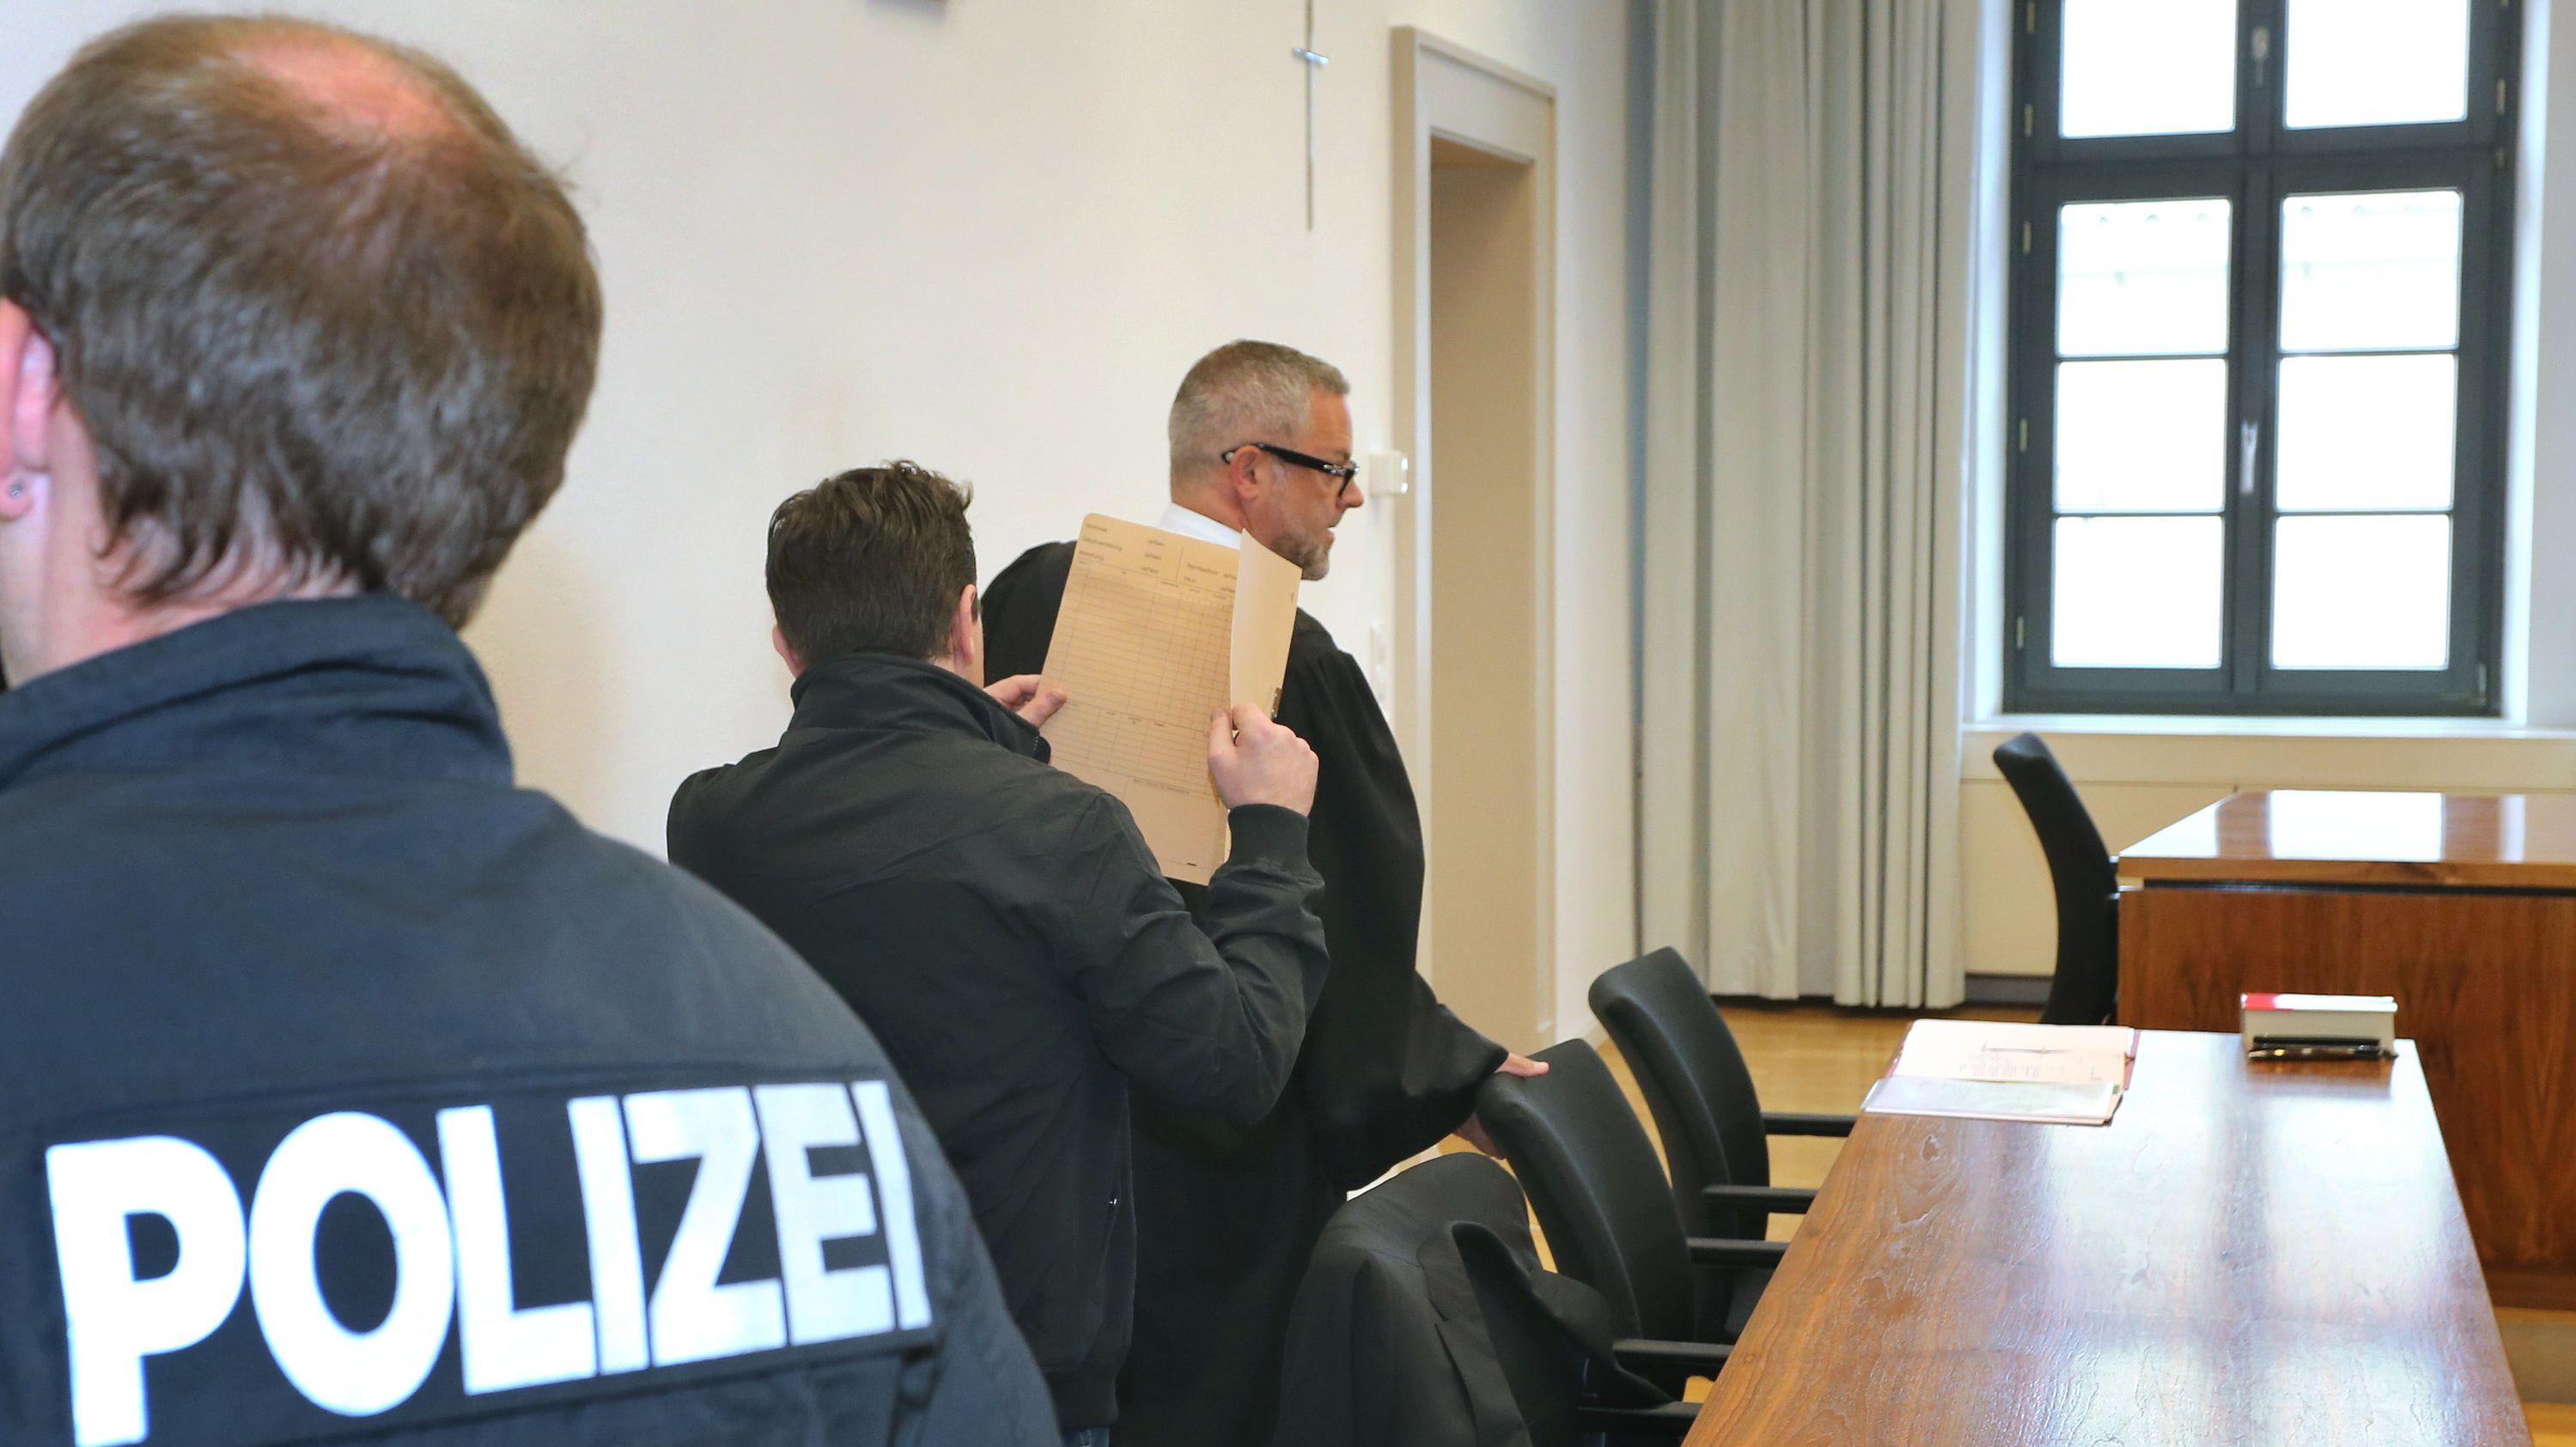 Der Angeklagte (Mitte) betritt mit seinem Anwalt den Verhandlungssaal im Landgericht Memmingen und hält sich einen Aktendeckel vor das Gesicht.